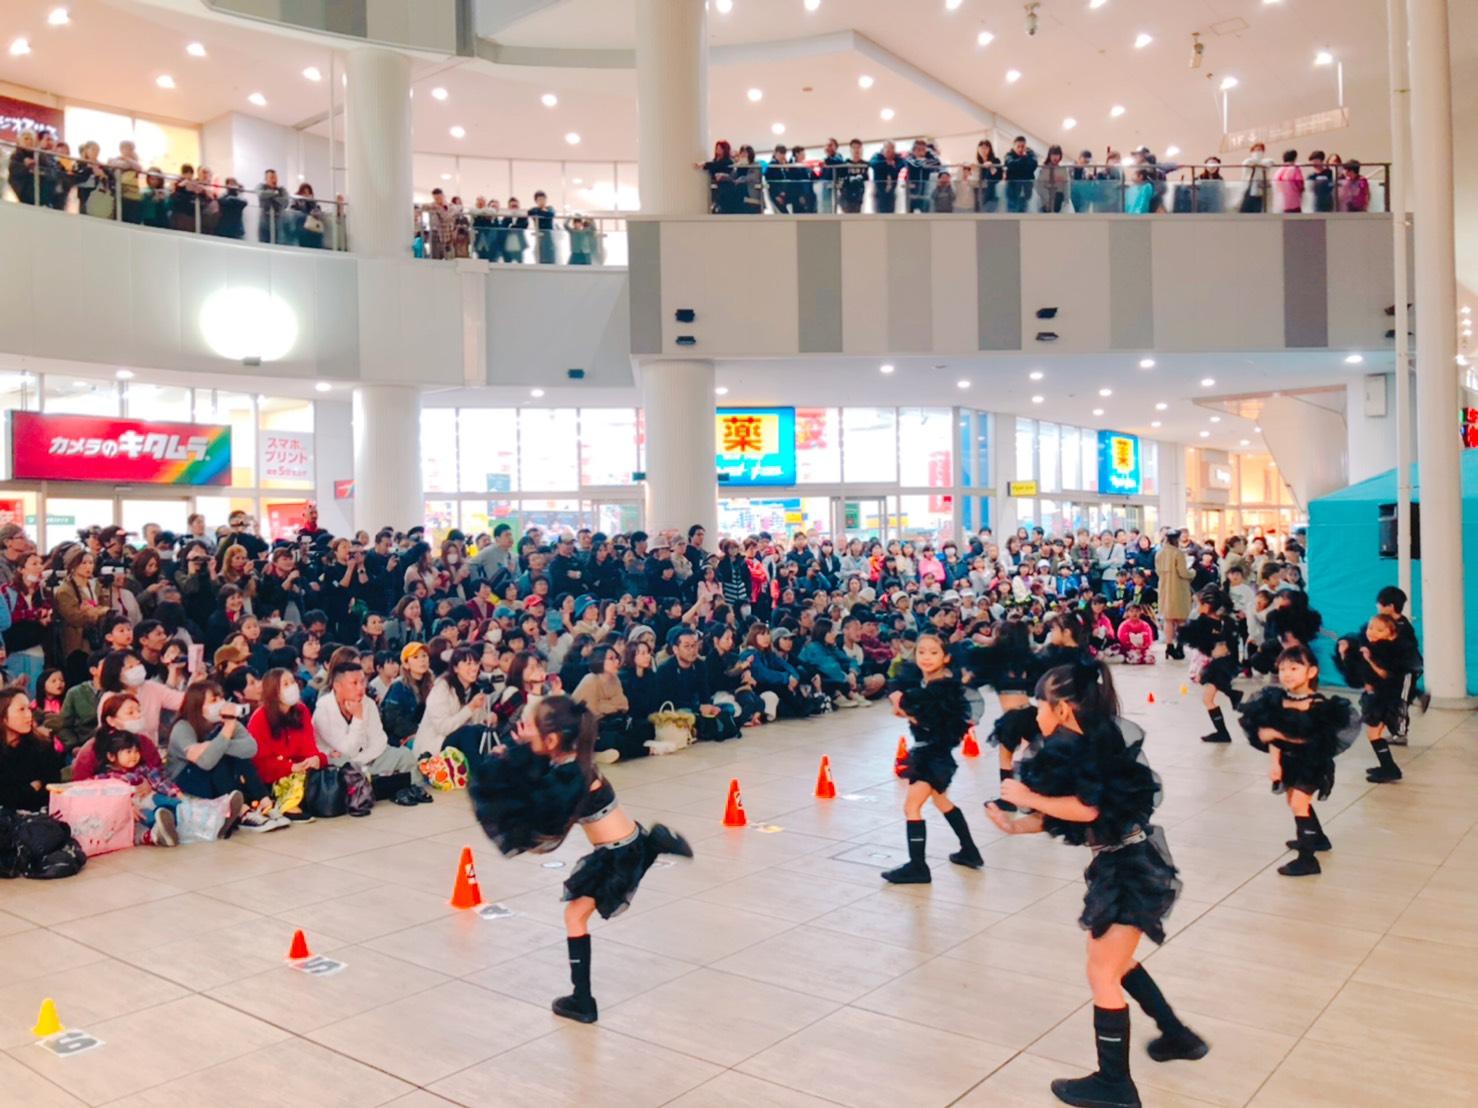 2019.11.4 BONNY BiVi イベント Vol.3